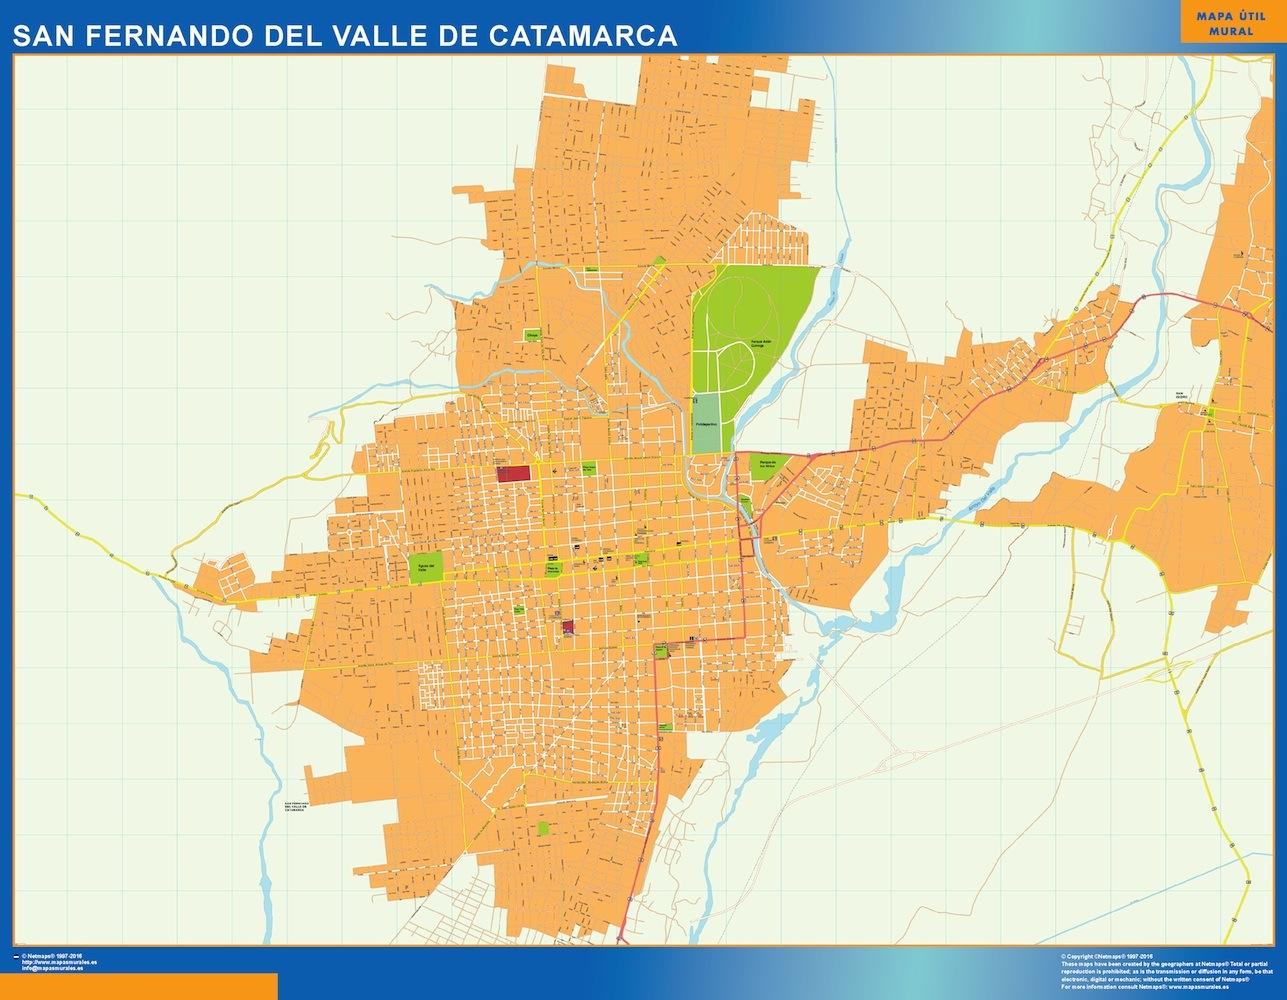 Mapa San Fernando Del Valle Catamarca En Argentina Magnetico Enmarcado Para Imanes Grande